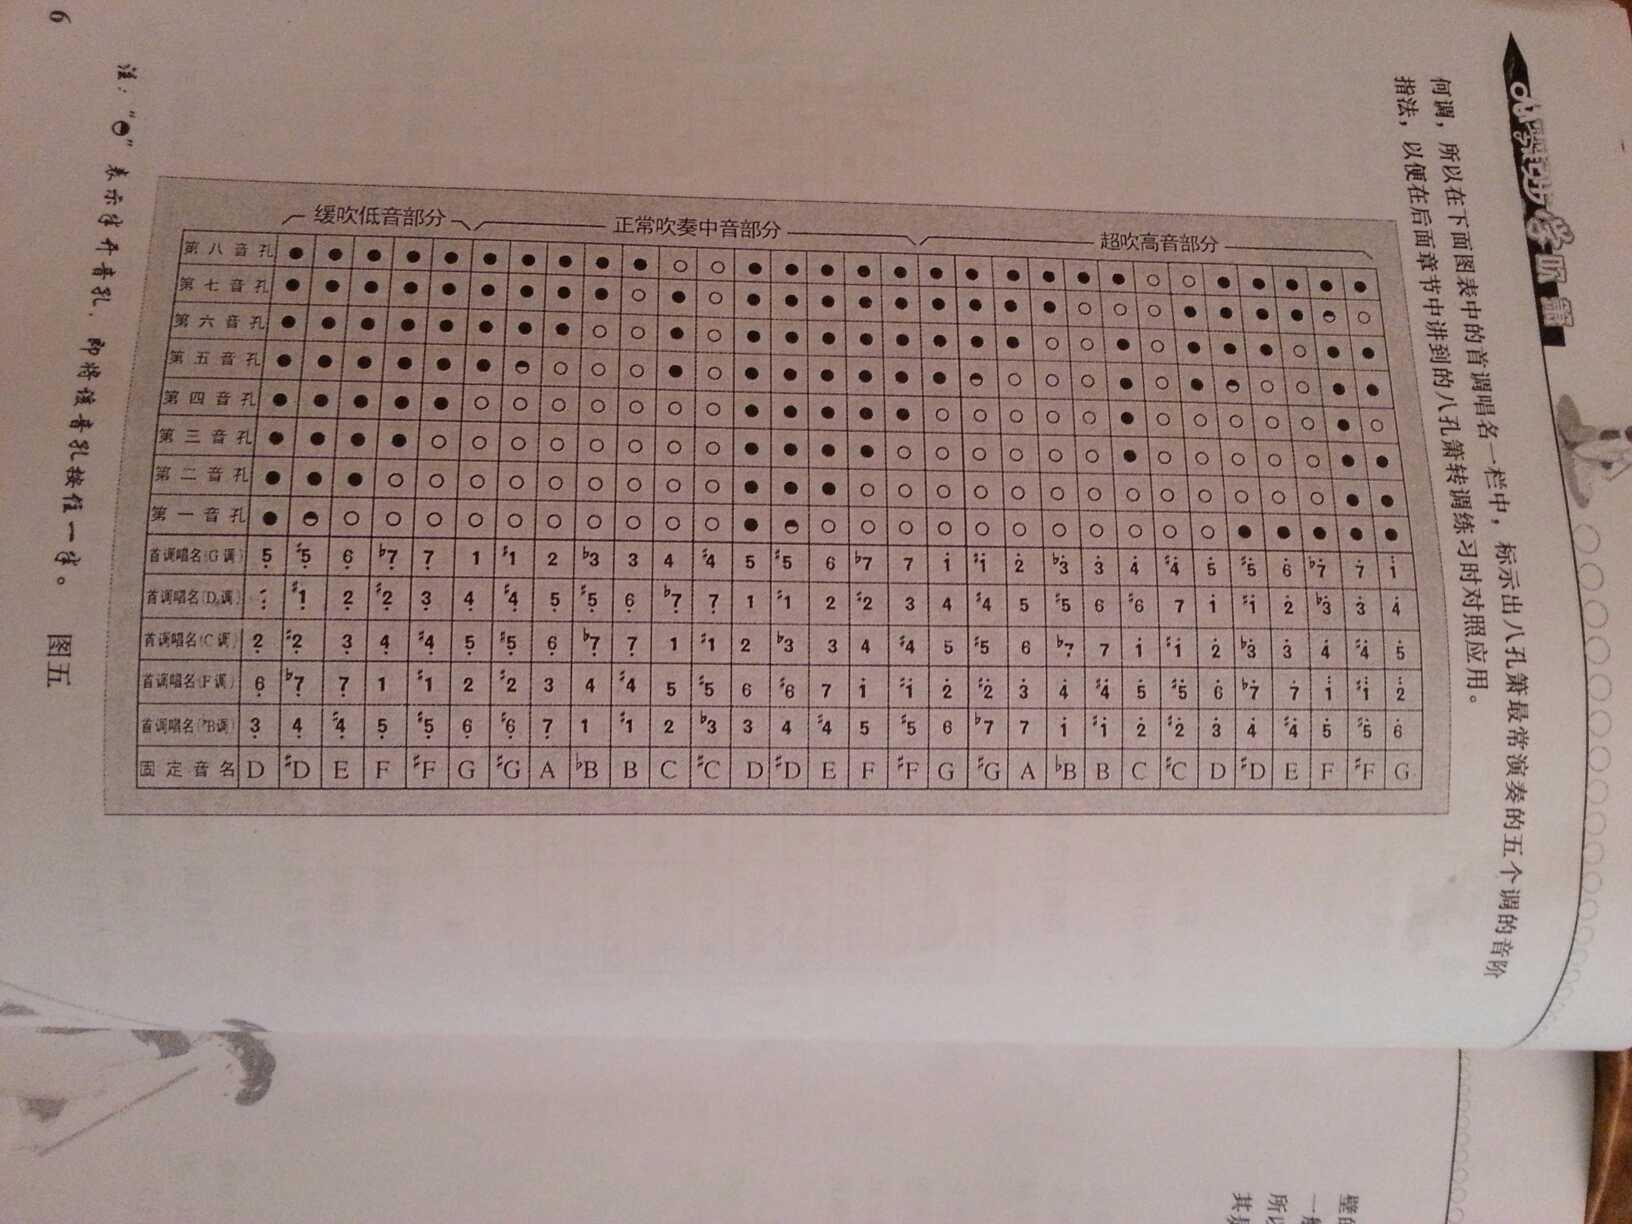 8孔箫f调的指法,怎么按 指法表看不懂,,,,, 请问1234567这几